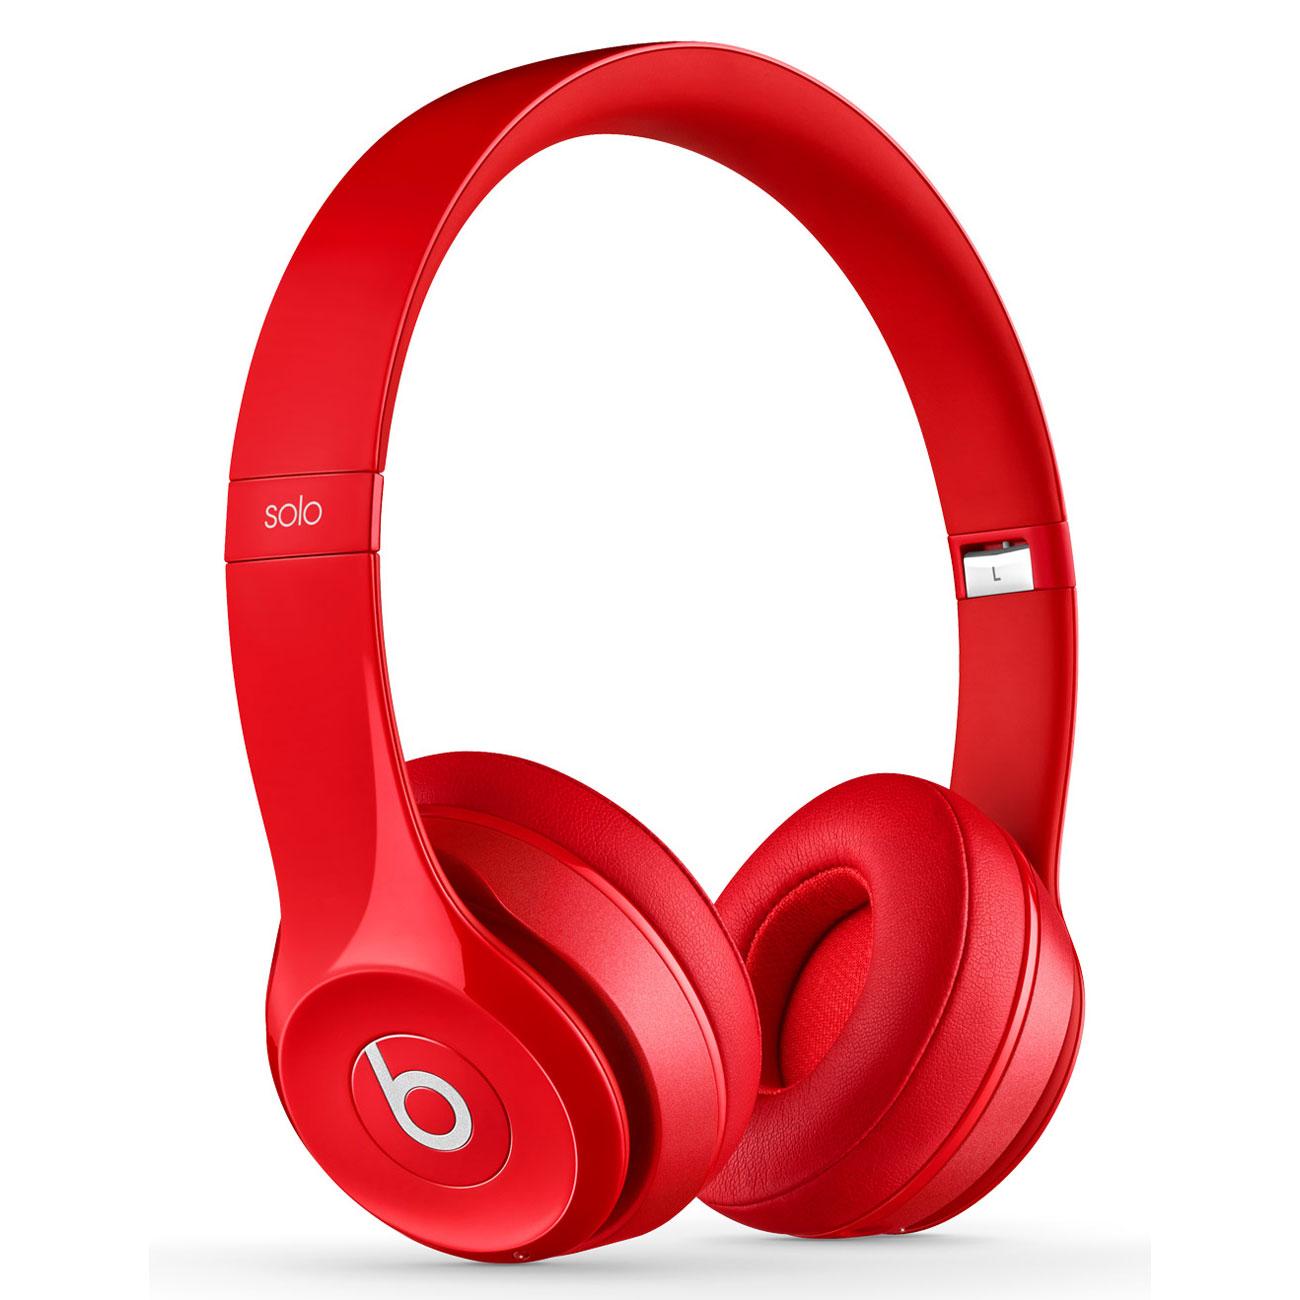 Beats Solo 2 Wireless Rouge - Casque Beats by Dr. Dre sur